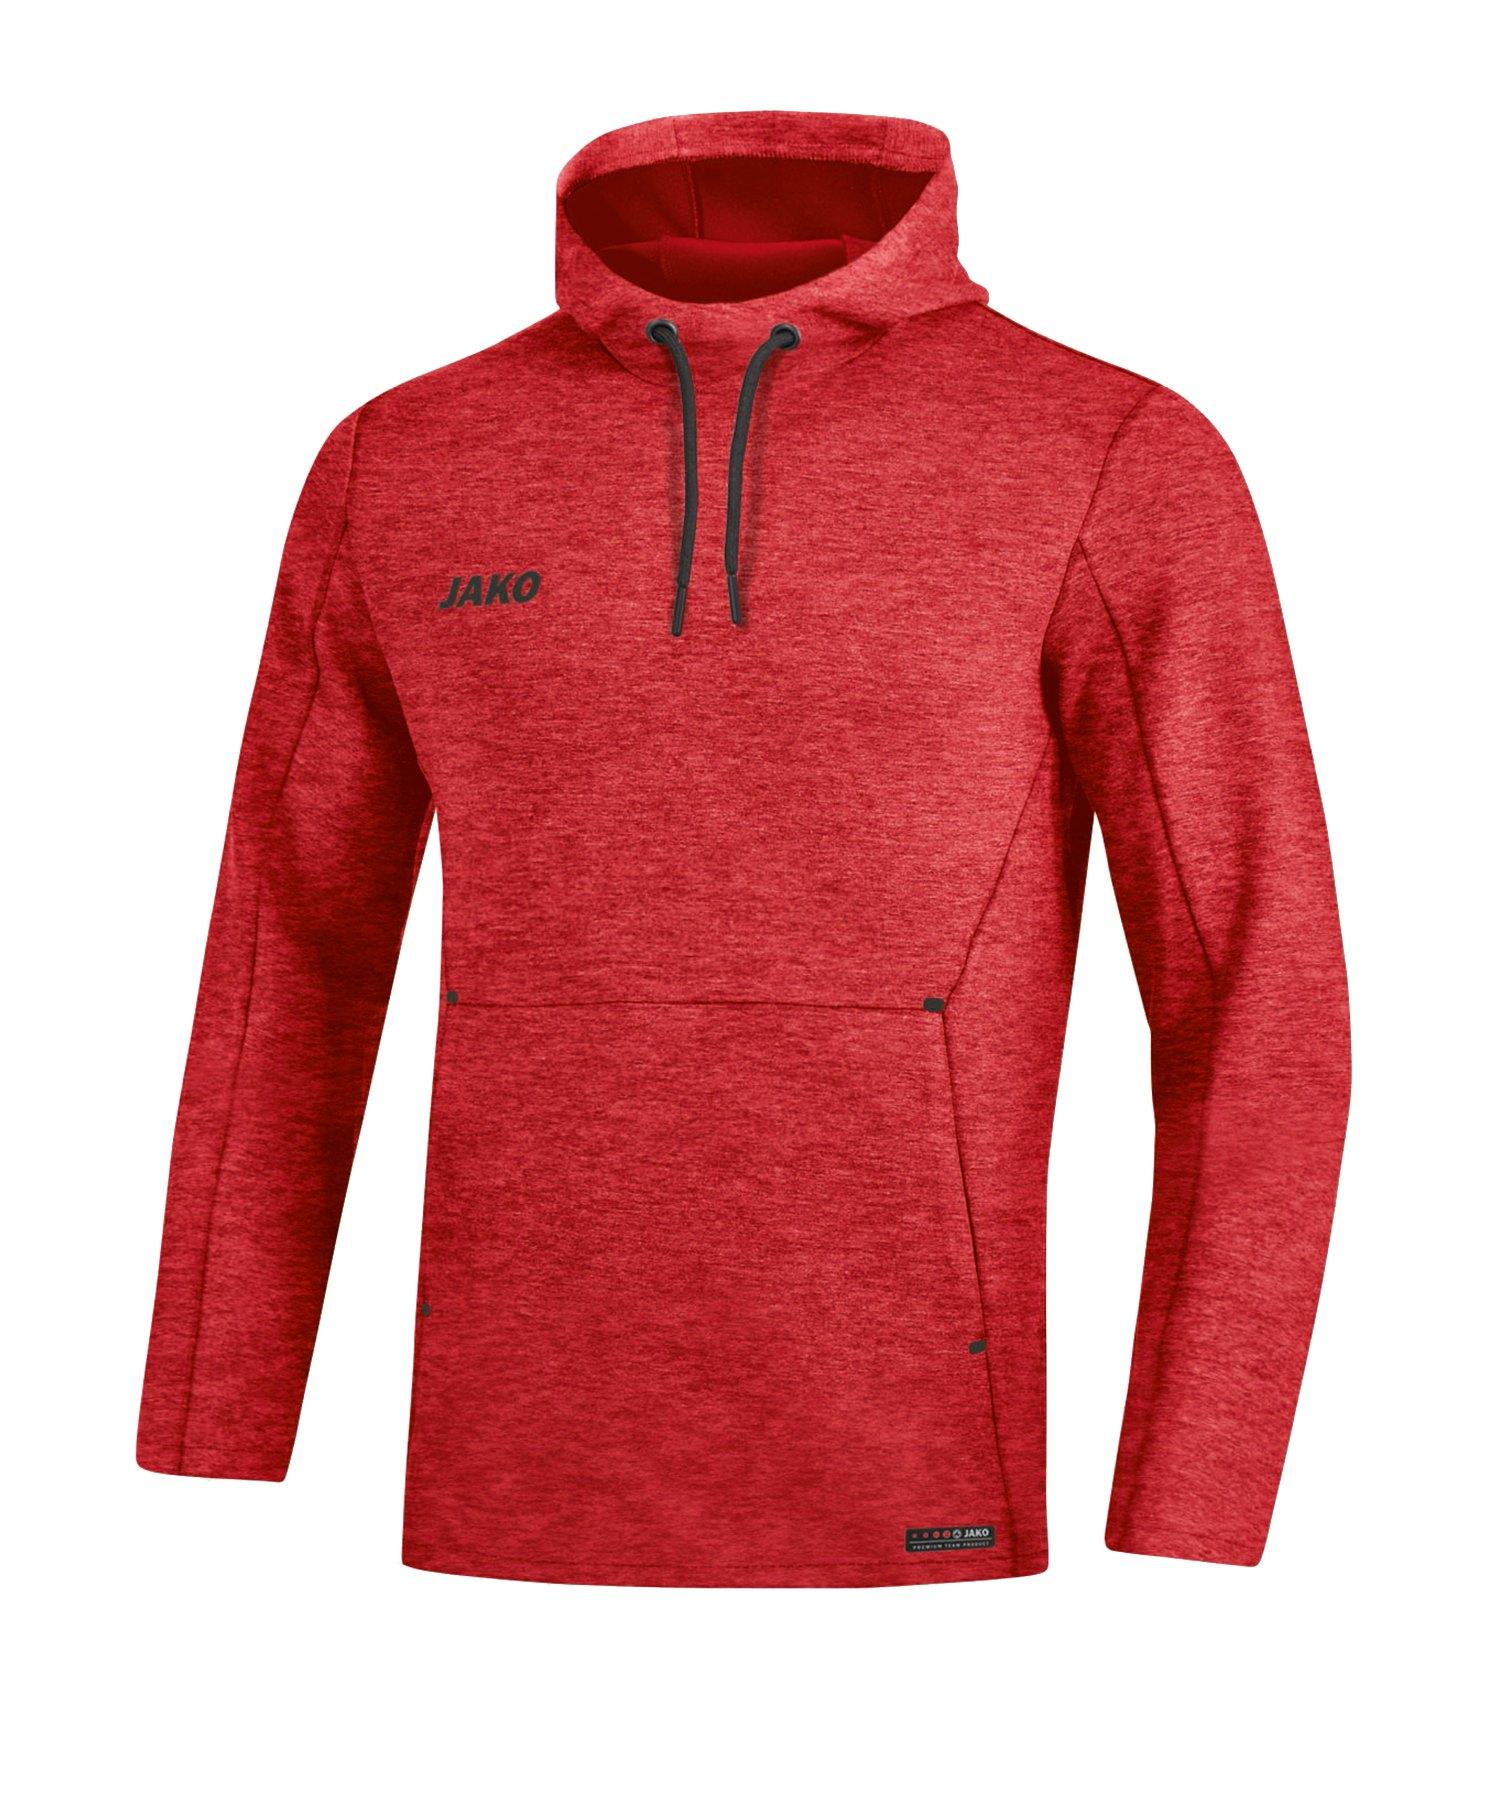 Jako Premium Basic Hoody Damen Rot F01 - rot